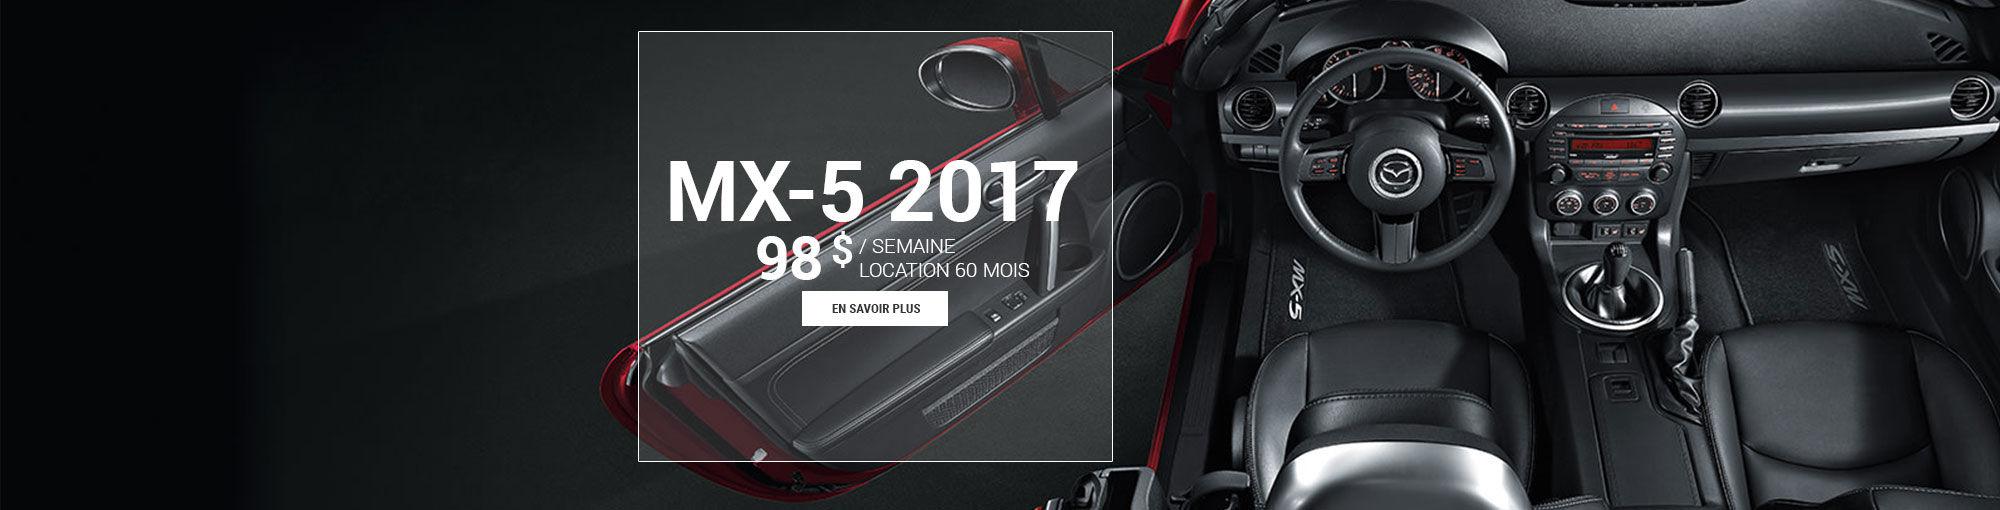 Mazda mx-5 2017 - avril 2017